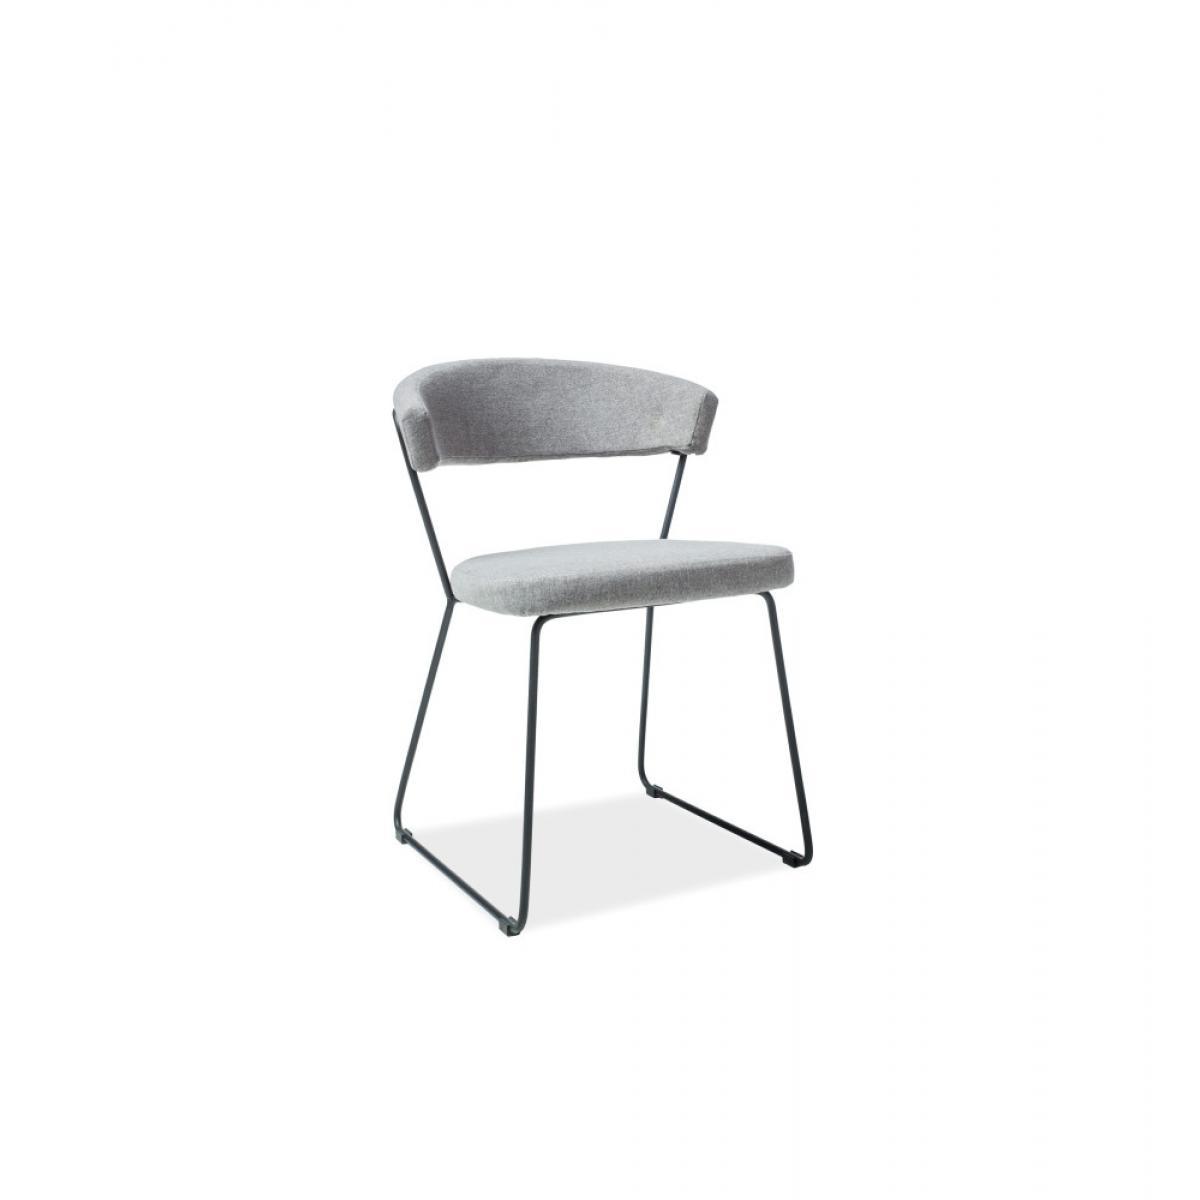 Ac-Deco Chaise graphique - Helix - 53 x 46 x 77 cm - Gris